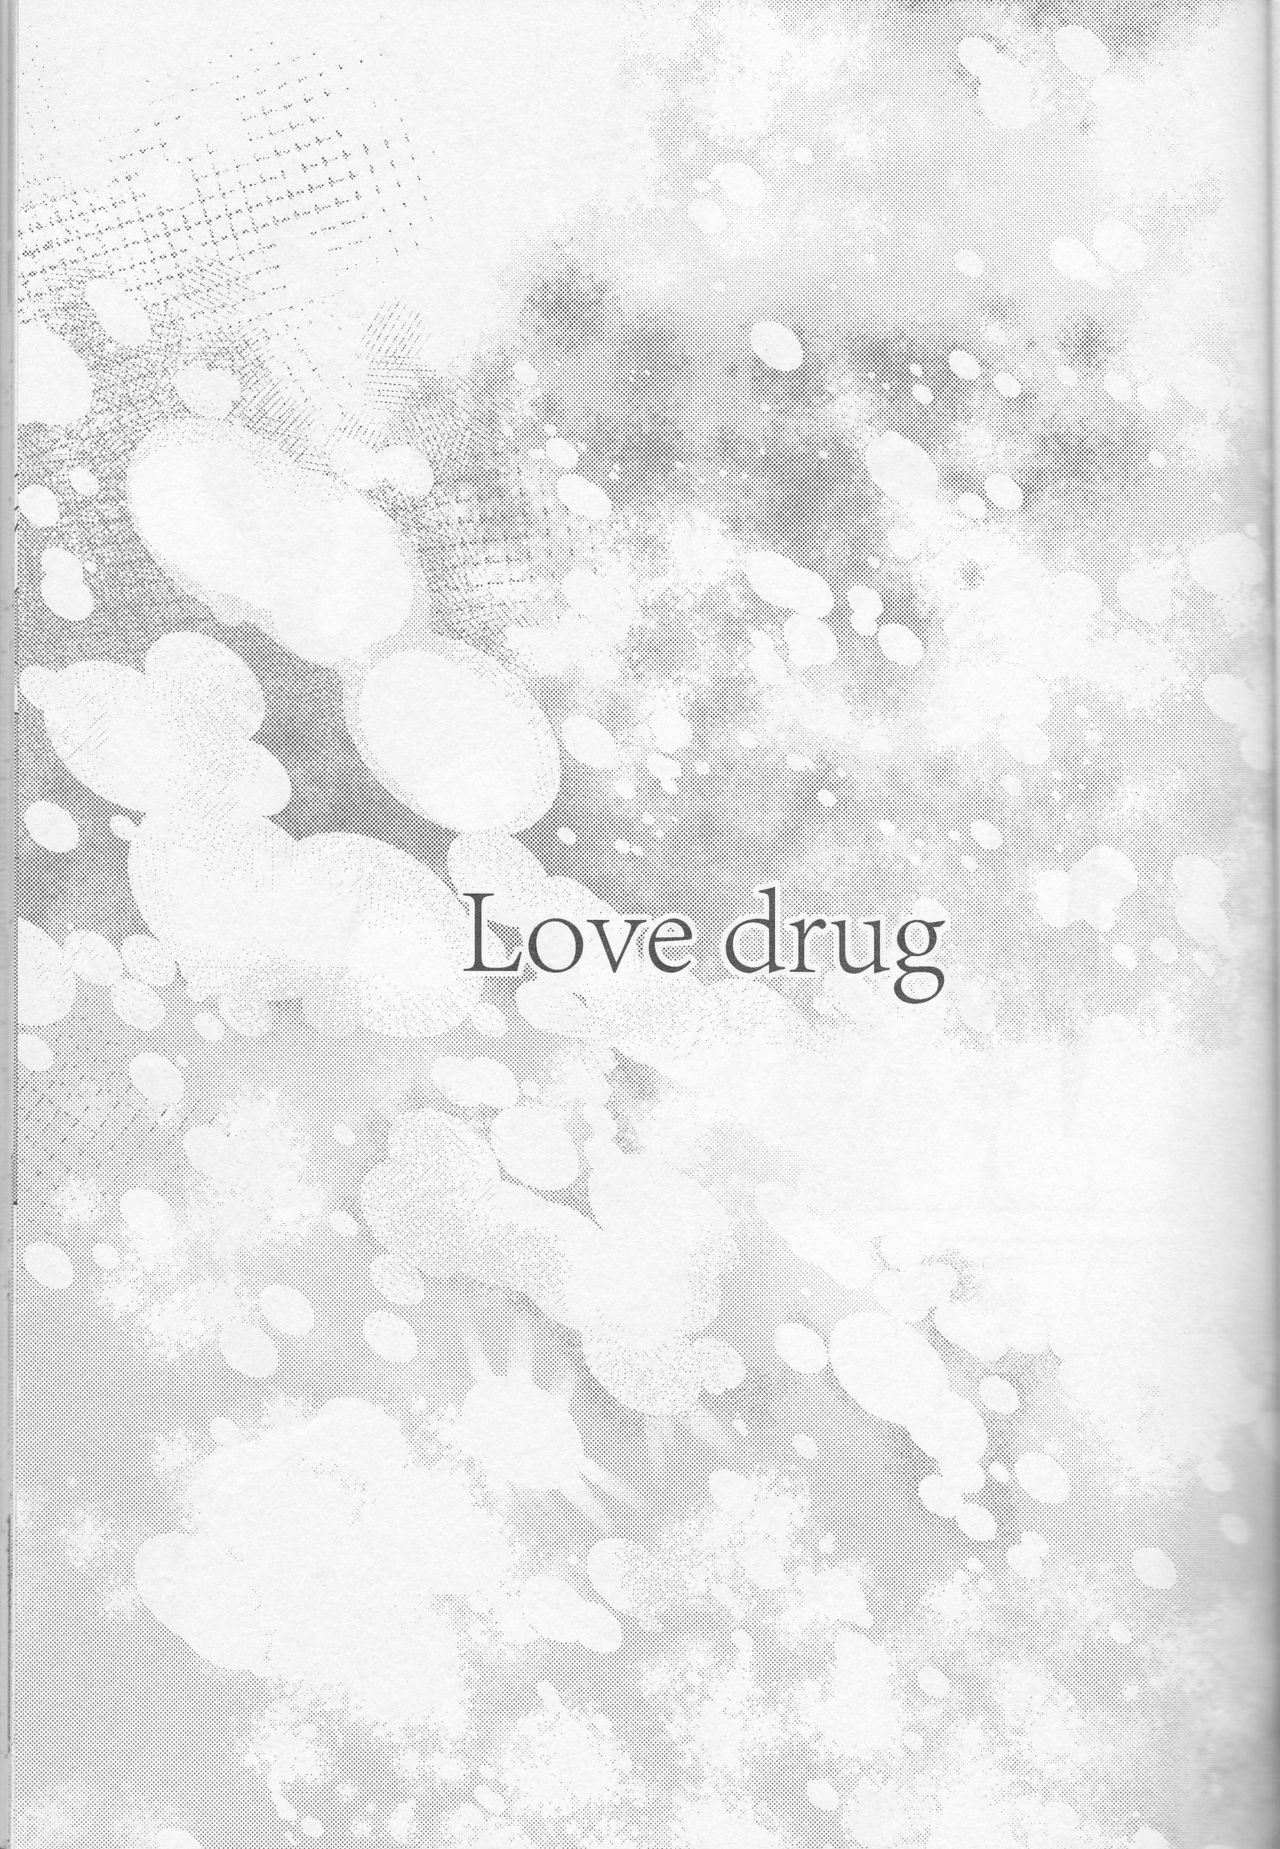 Koi Gusuri - Love drug 3